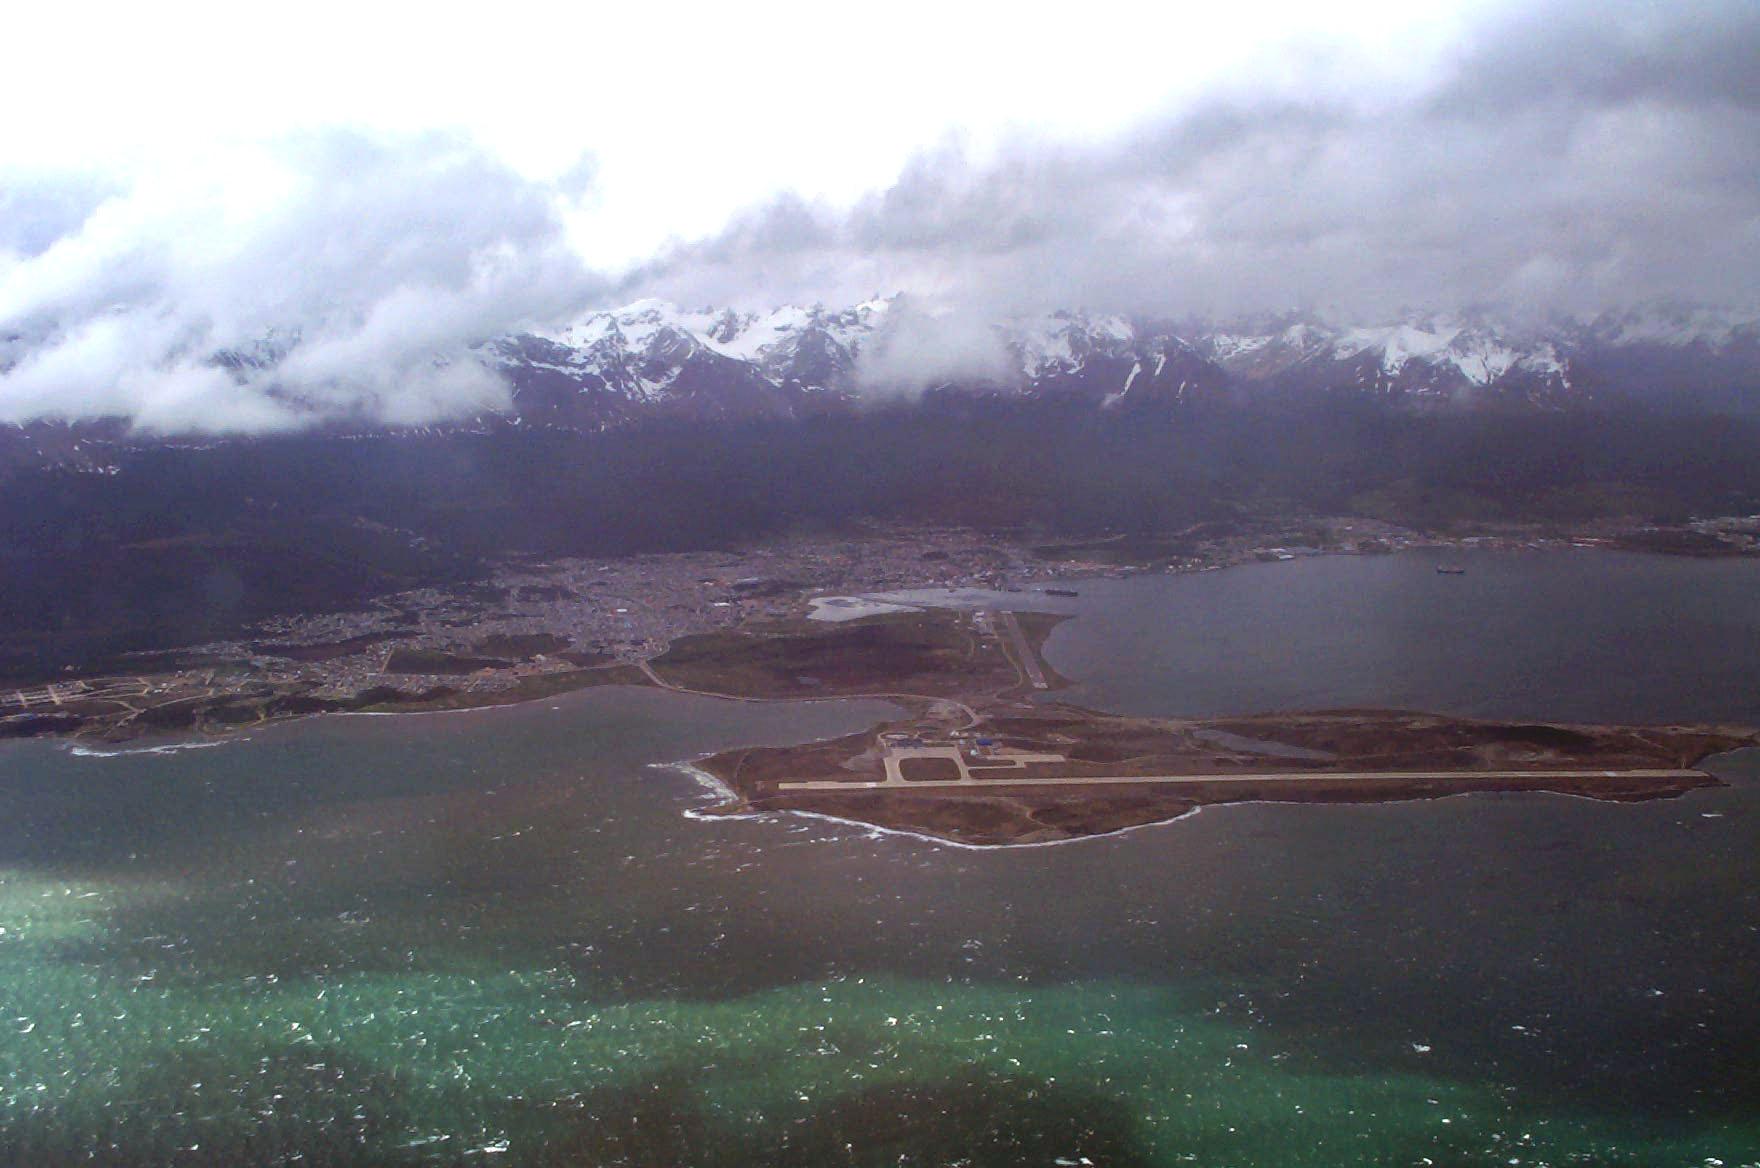 Aeropuerto_y_bah%C3%ADa_de_Ushuaia_-_panoramio.jpg